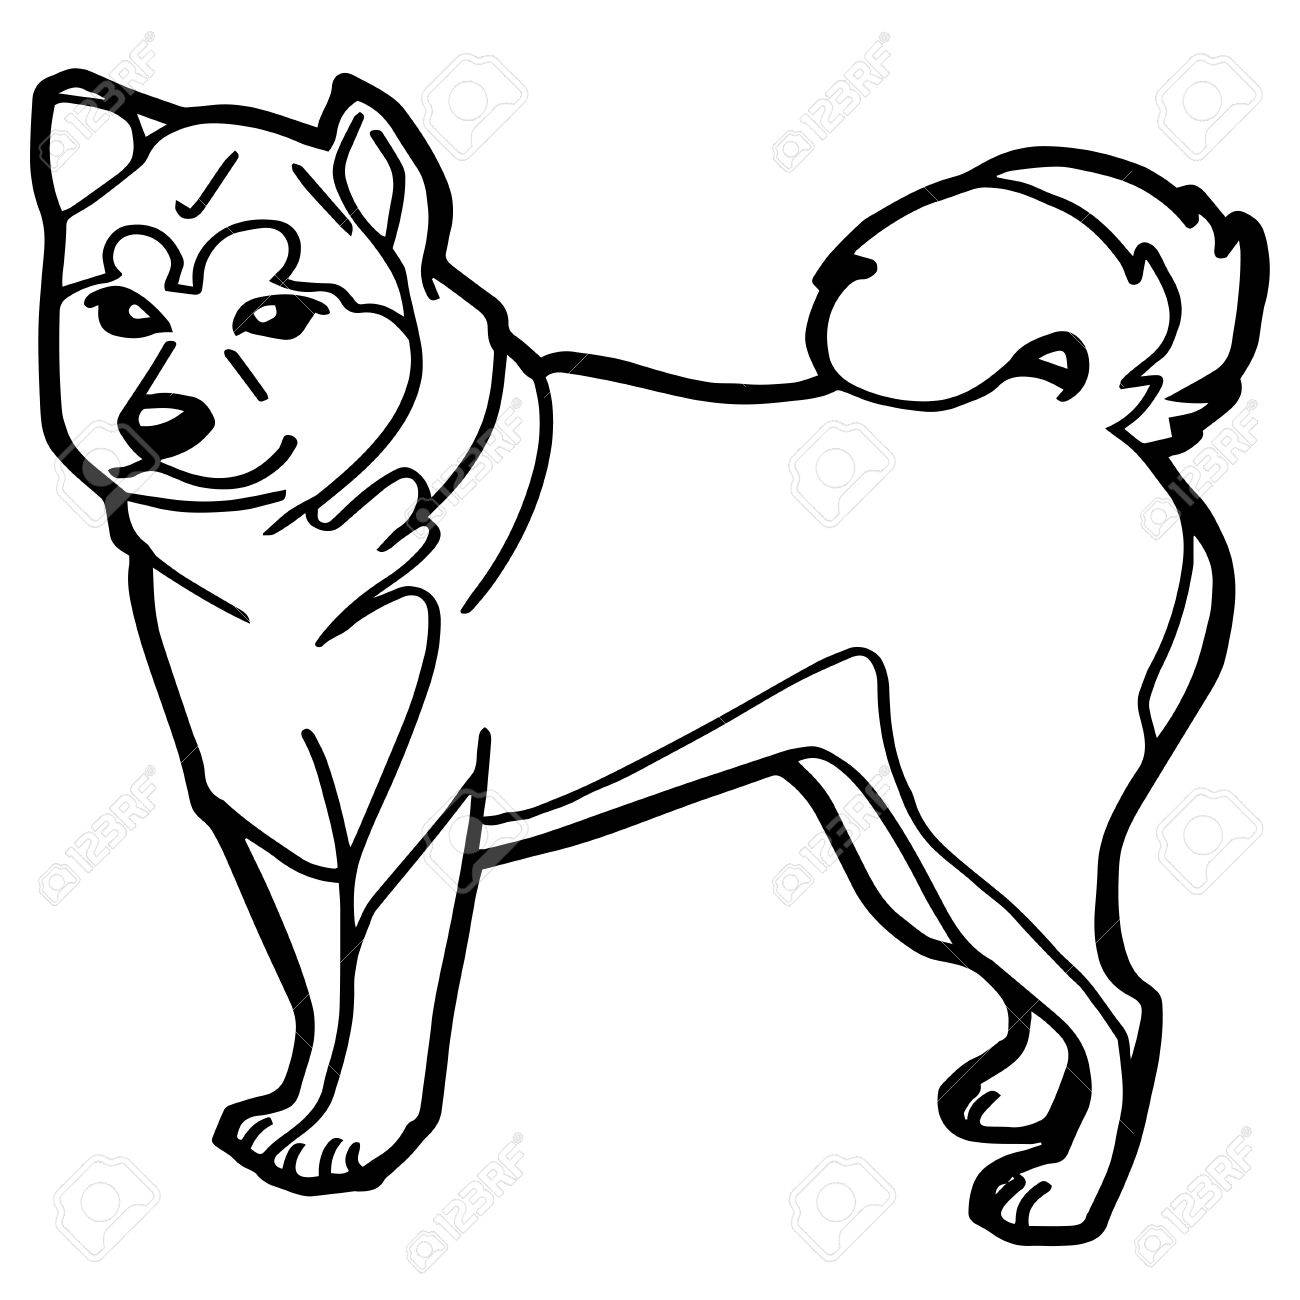 Inspirador Dibujos Animados De Perros Para Colorear